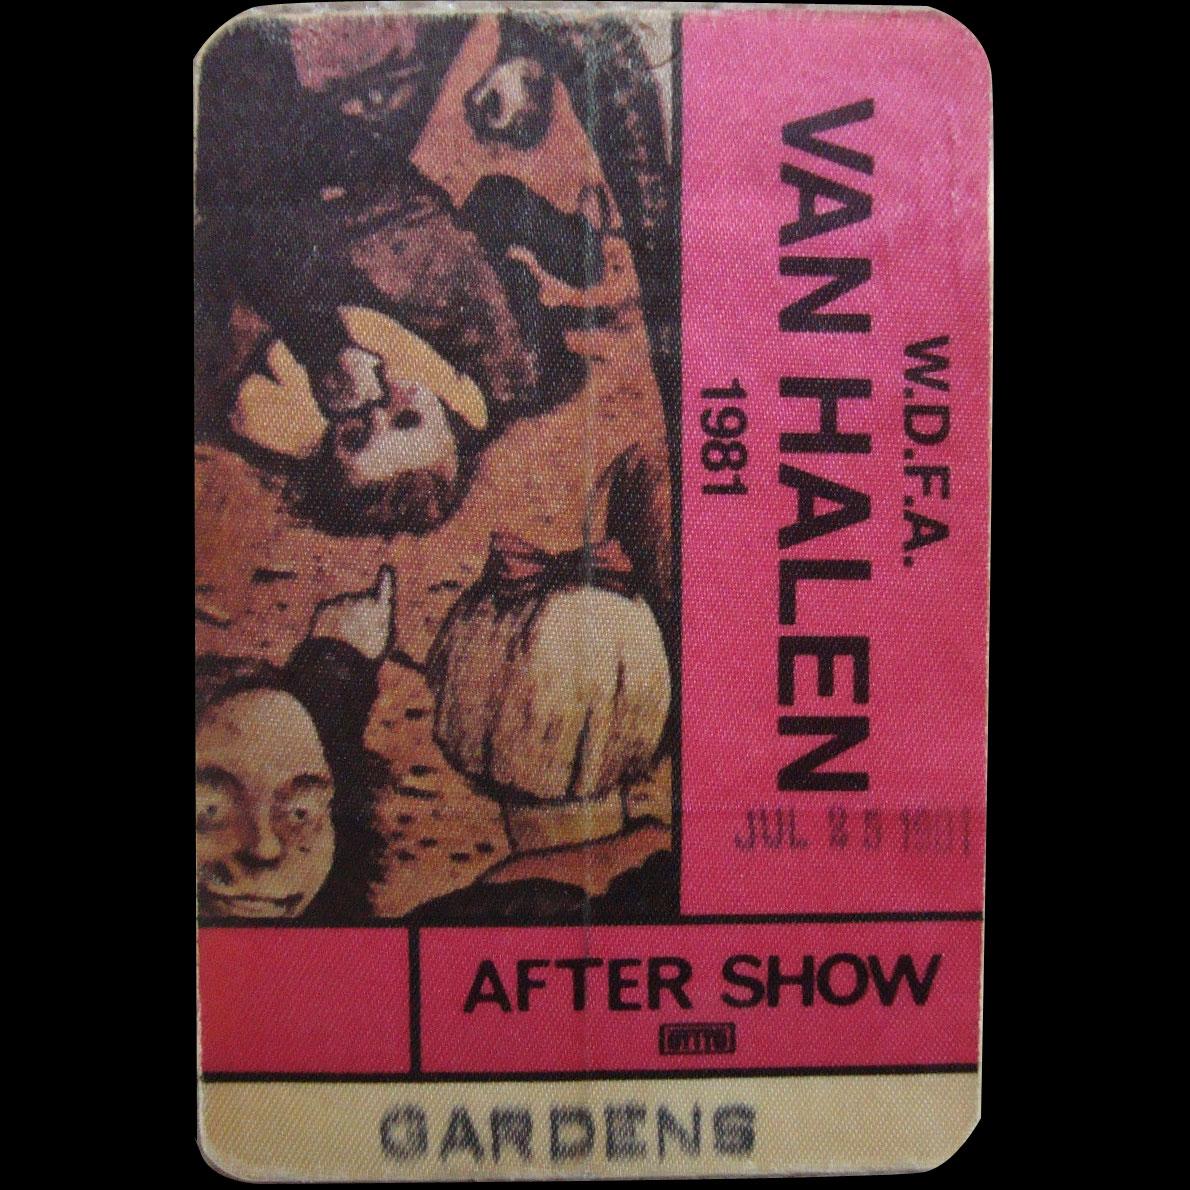 7/25/1981 Van Halen pass